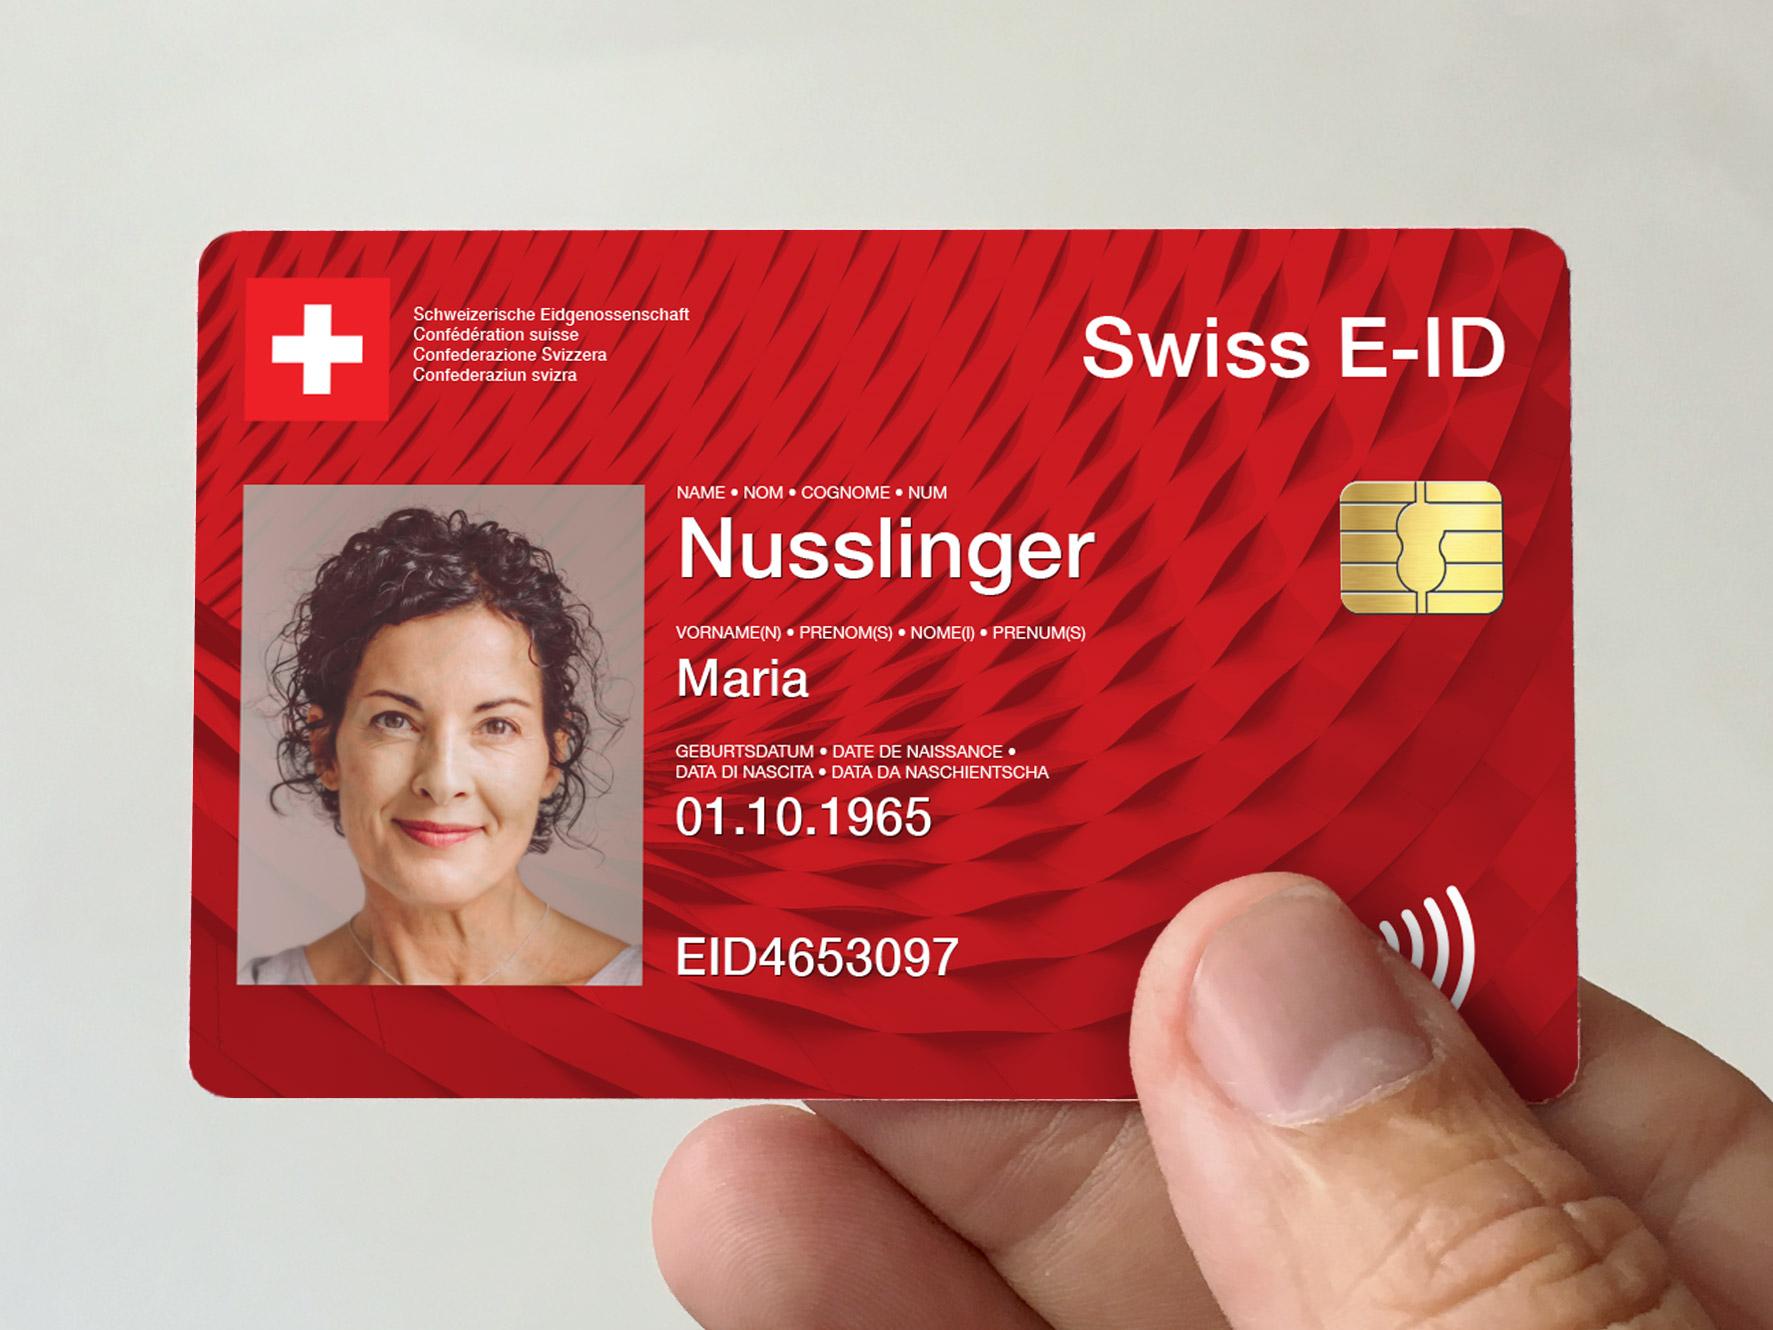 L'identification électronique en Suisse